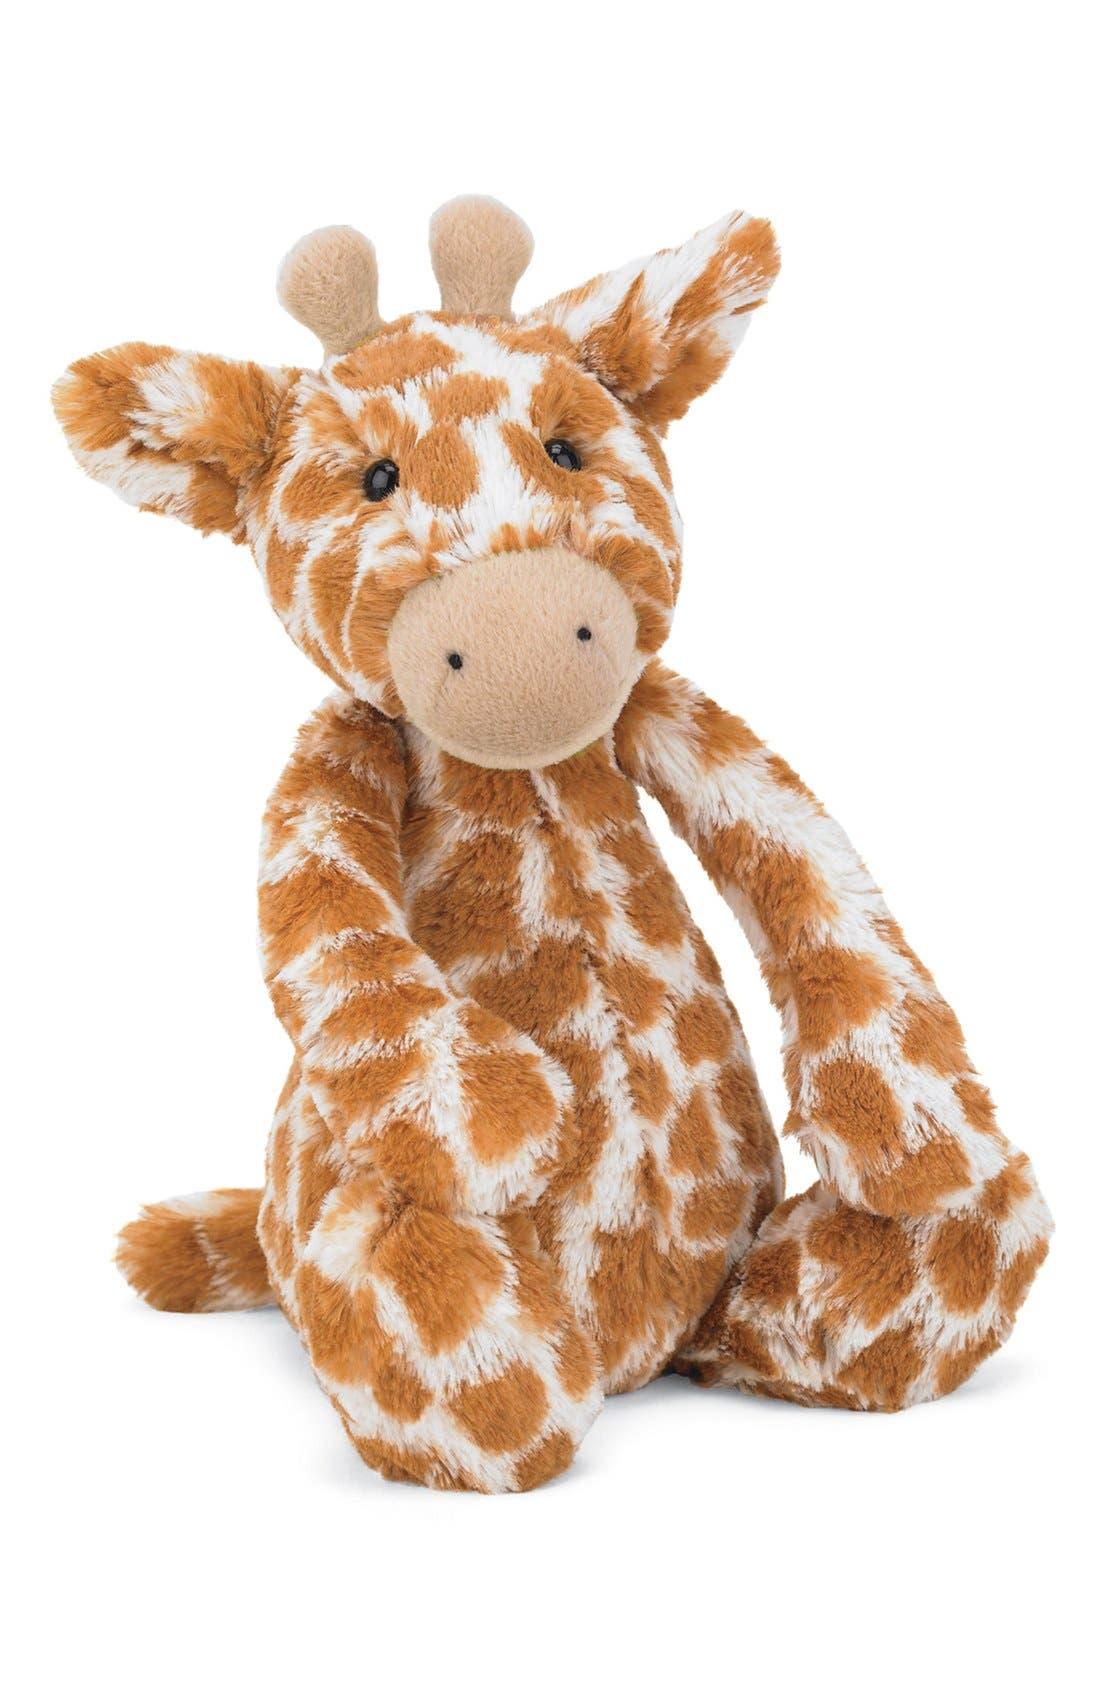 Jellycat Bashful Giraffe Stuffed Animal